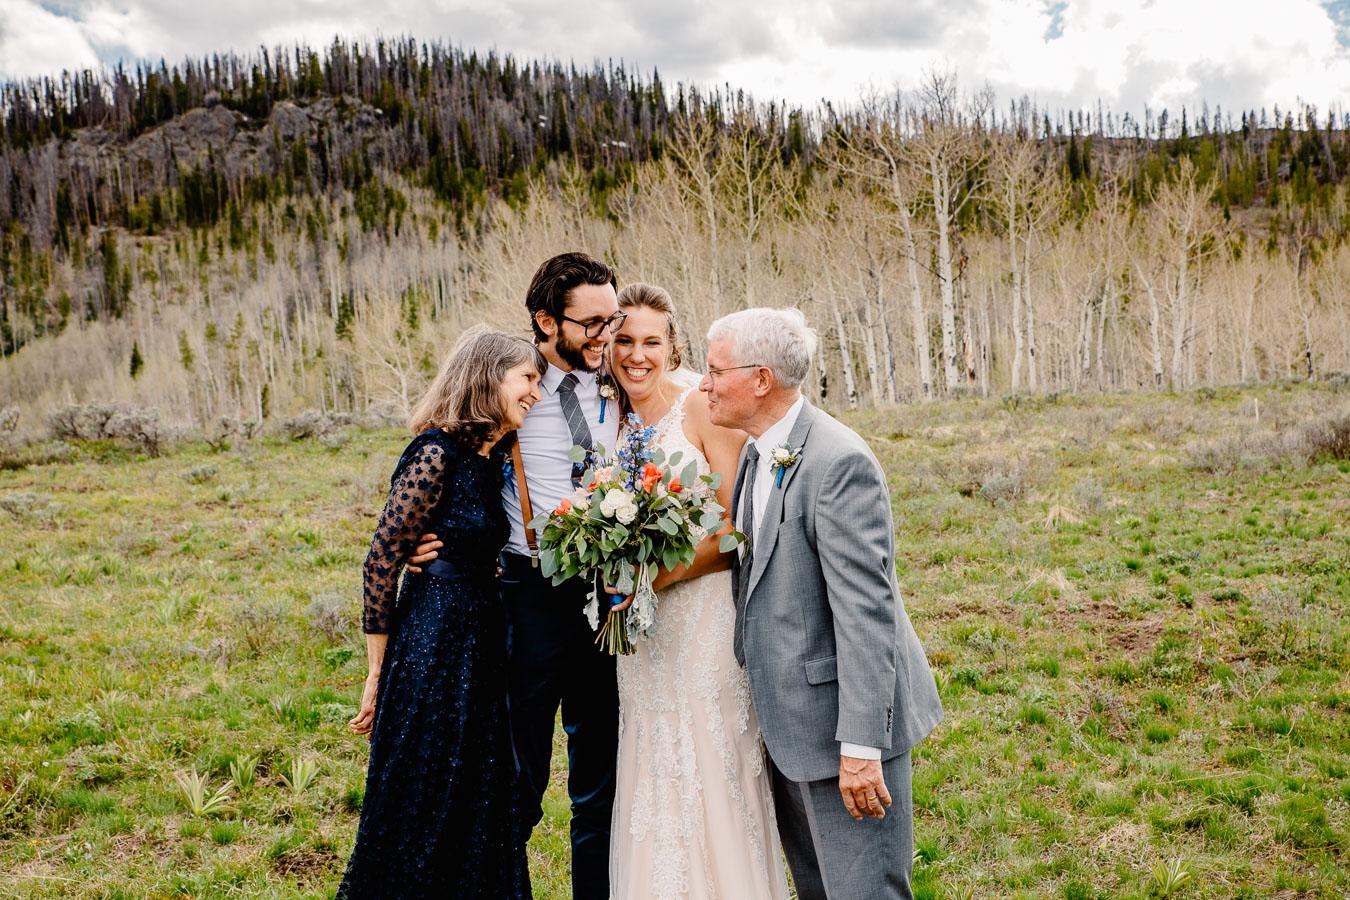 23-snow-mountain-ranch-winter-park-colorado-mountain-wedding-nathan-kayla-1145.jpg